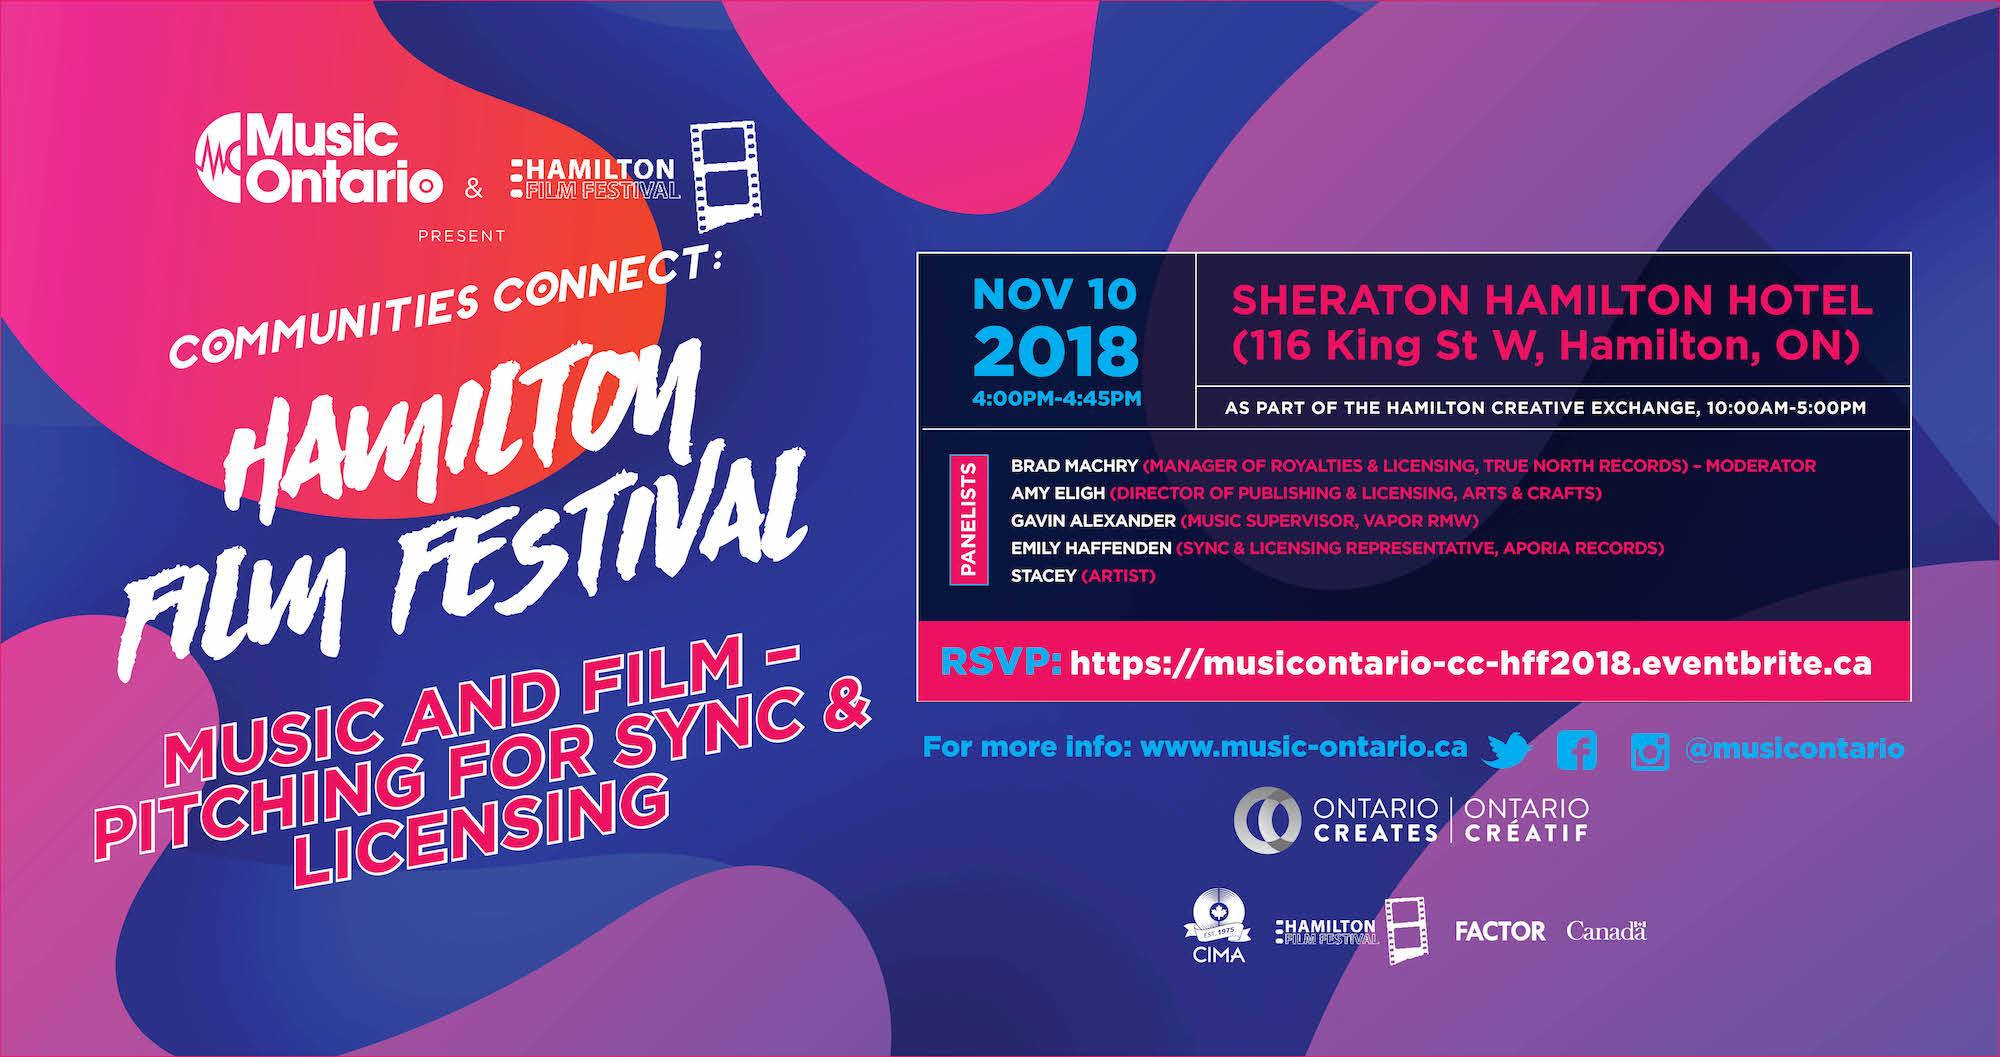 MusicOntario Communities Connect @ Hamilton Film Festival: Music and